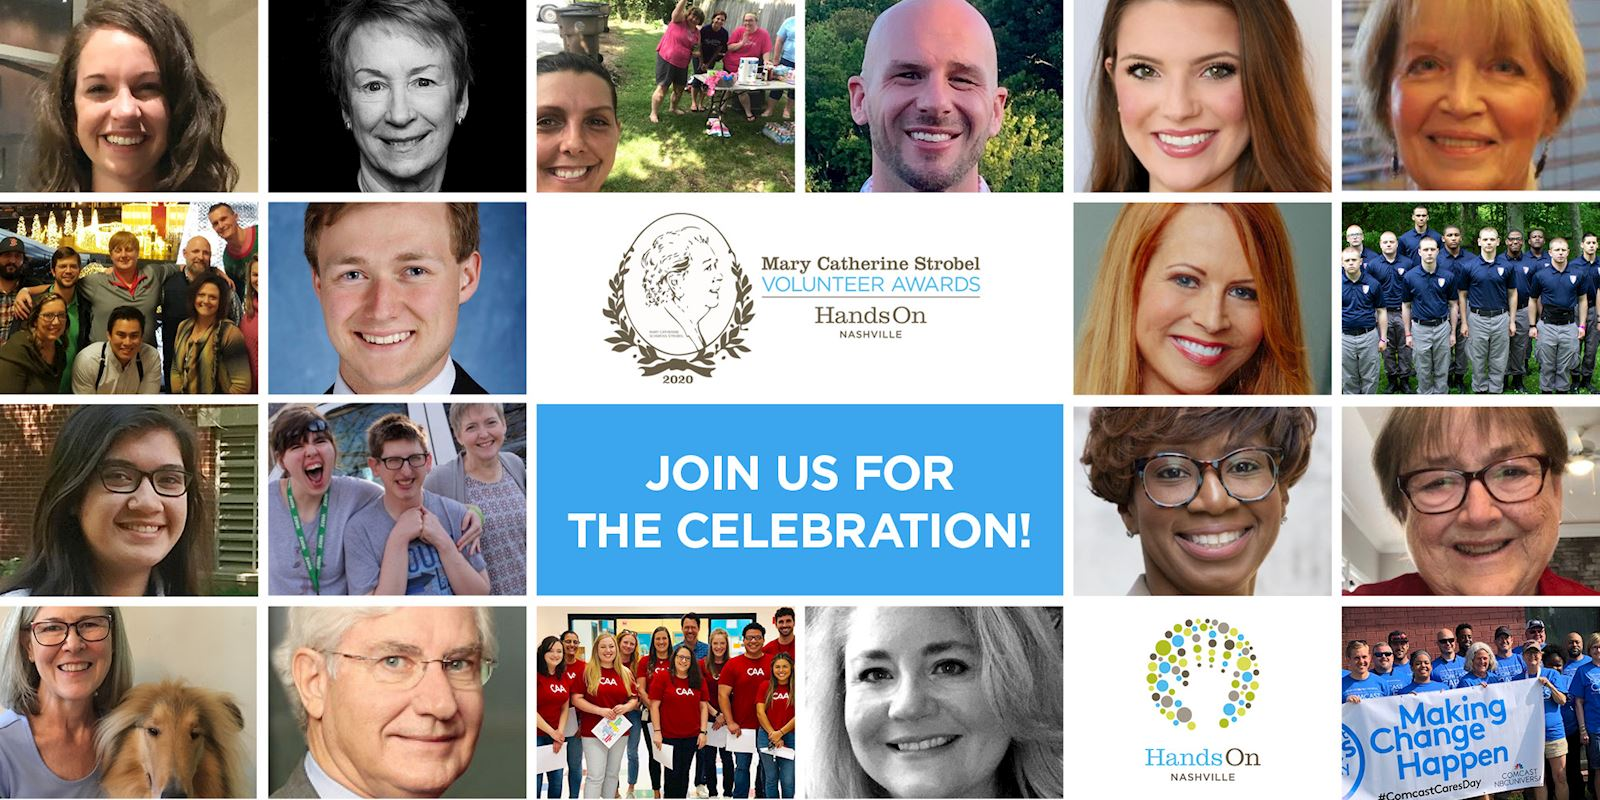 The 2020 Strobel Volunteer Awards finalists